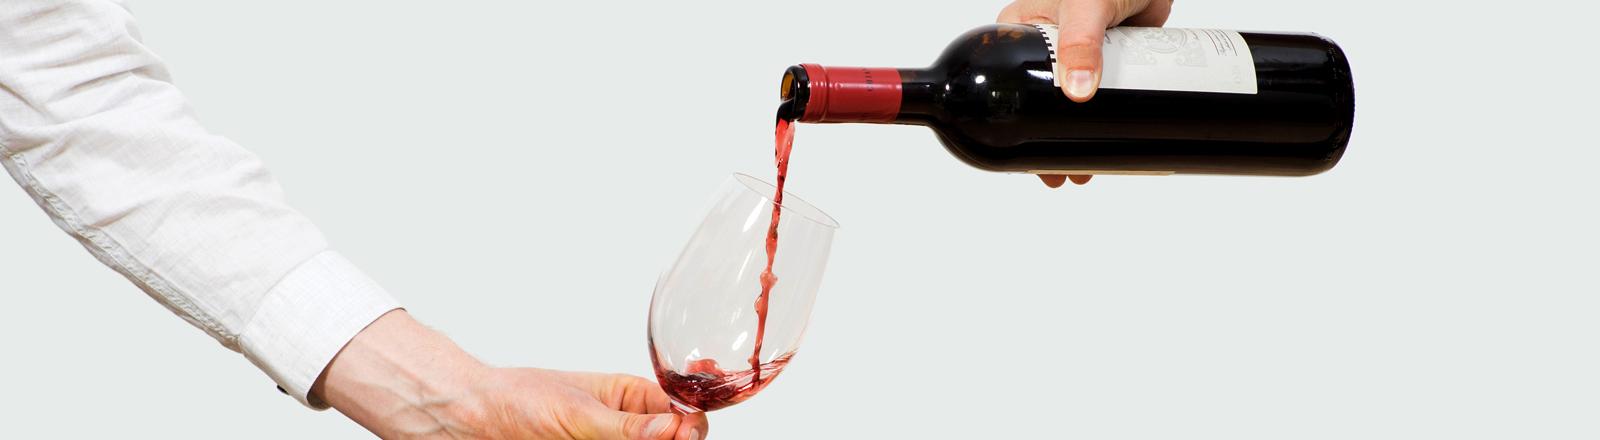 Wein wird in ein Glas geschüttet